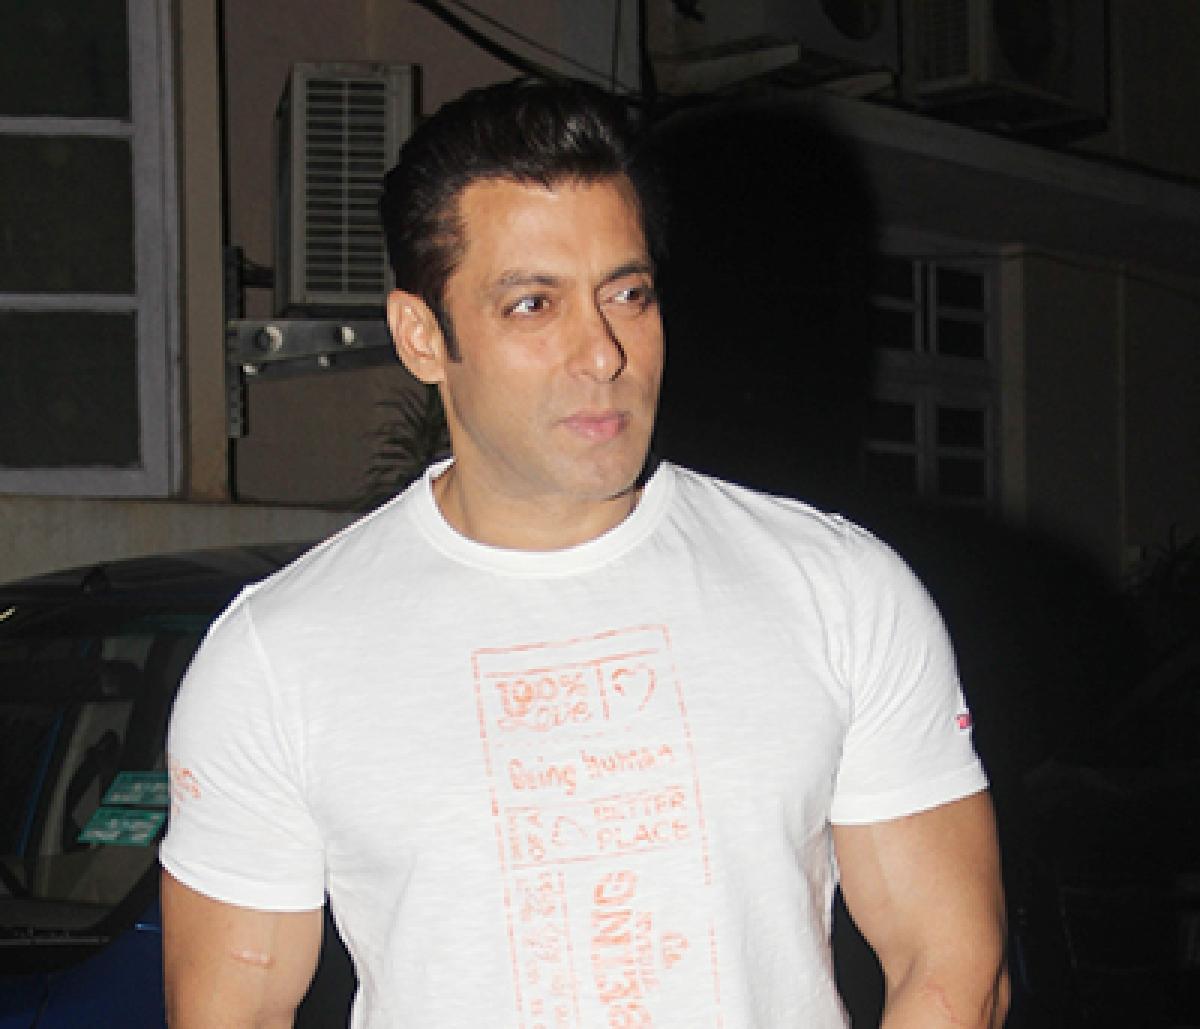 'Jazbaati sawaal kar diya', says Salman about Aishwarya